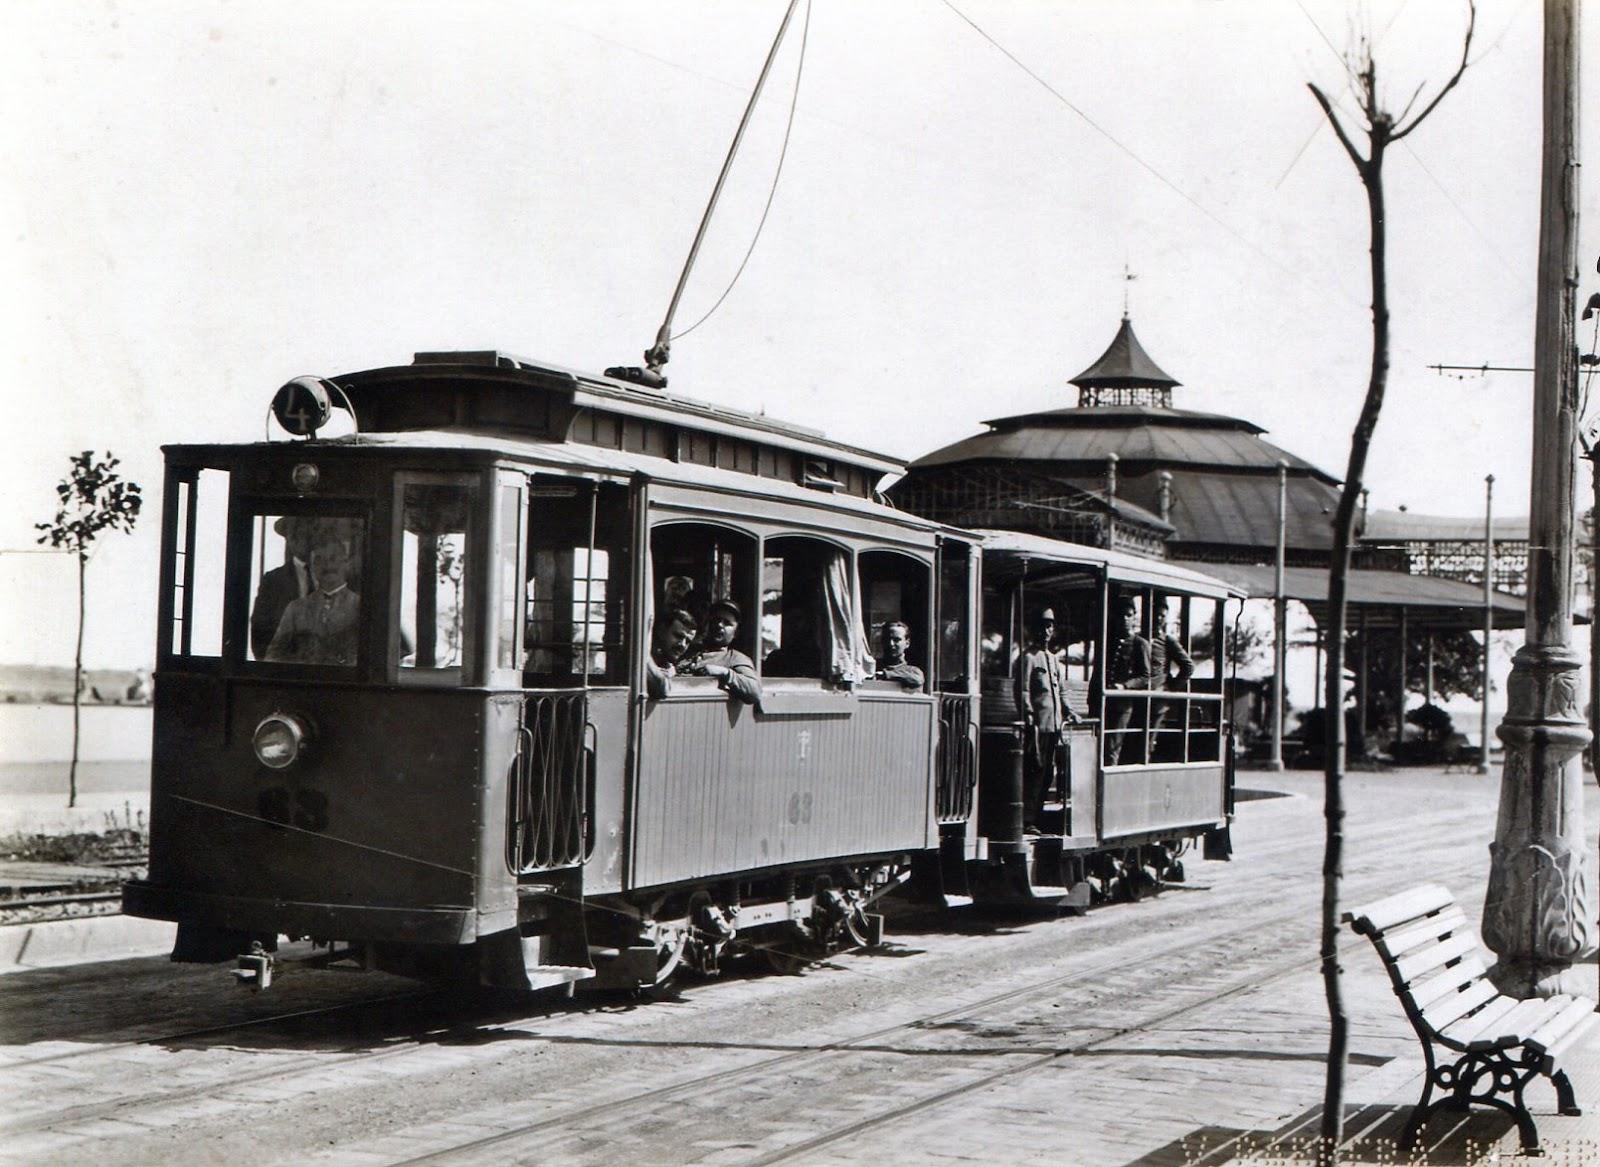 Historias del tren: marzo 2012